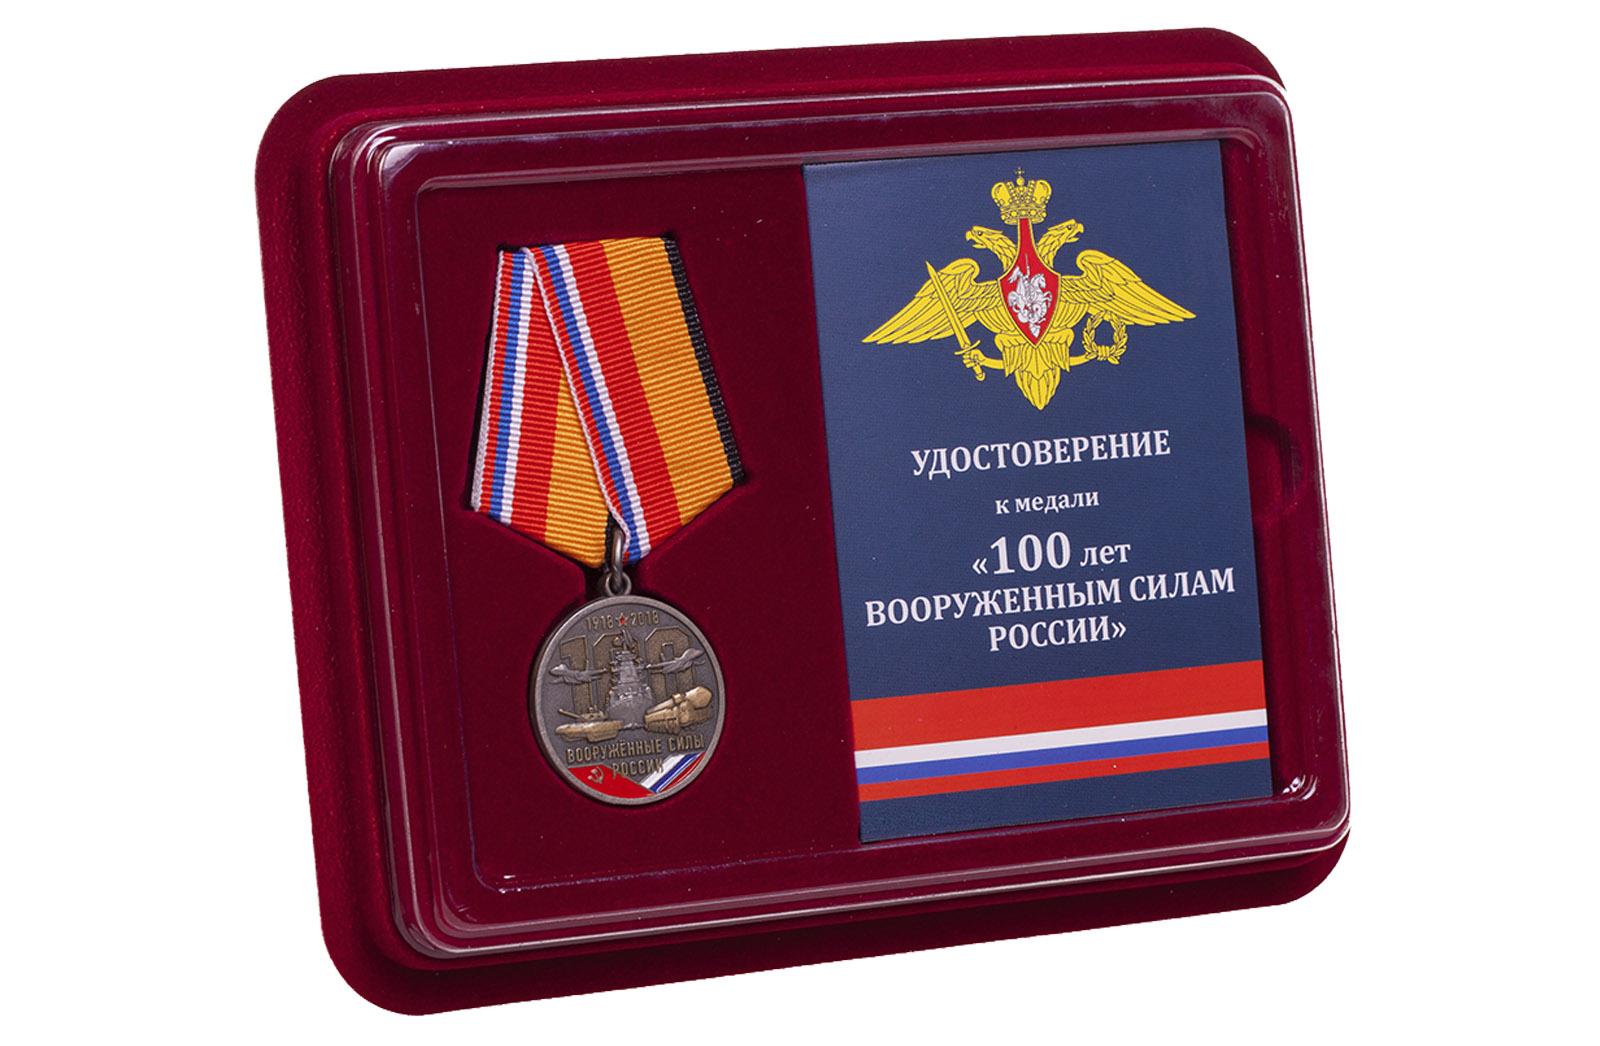 Общественная медаль 100 лет Вооружённым силам России - в футляре с удостоверением